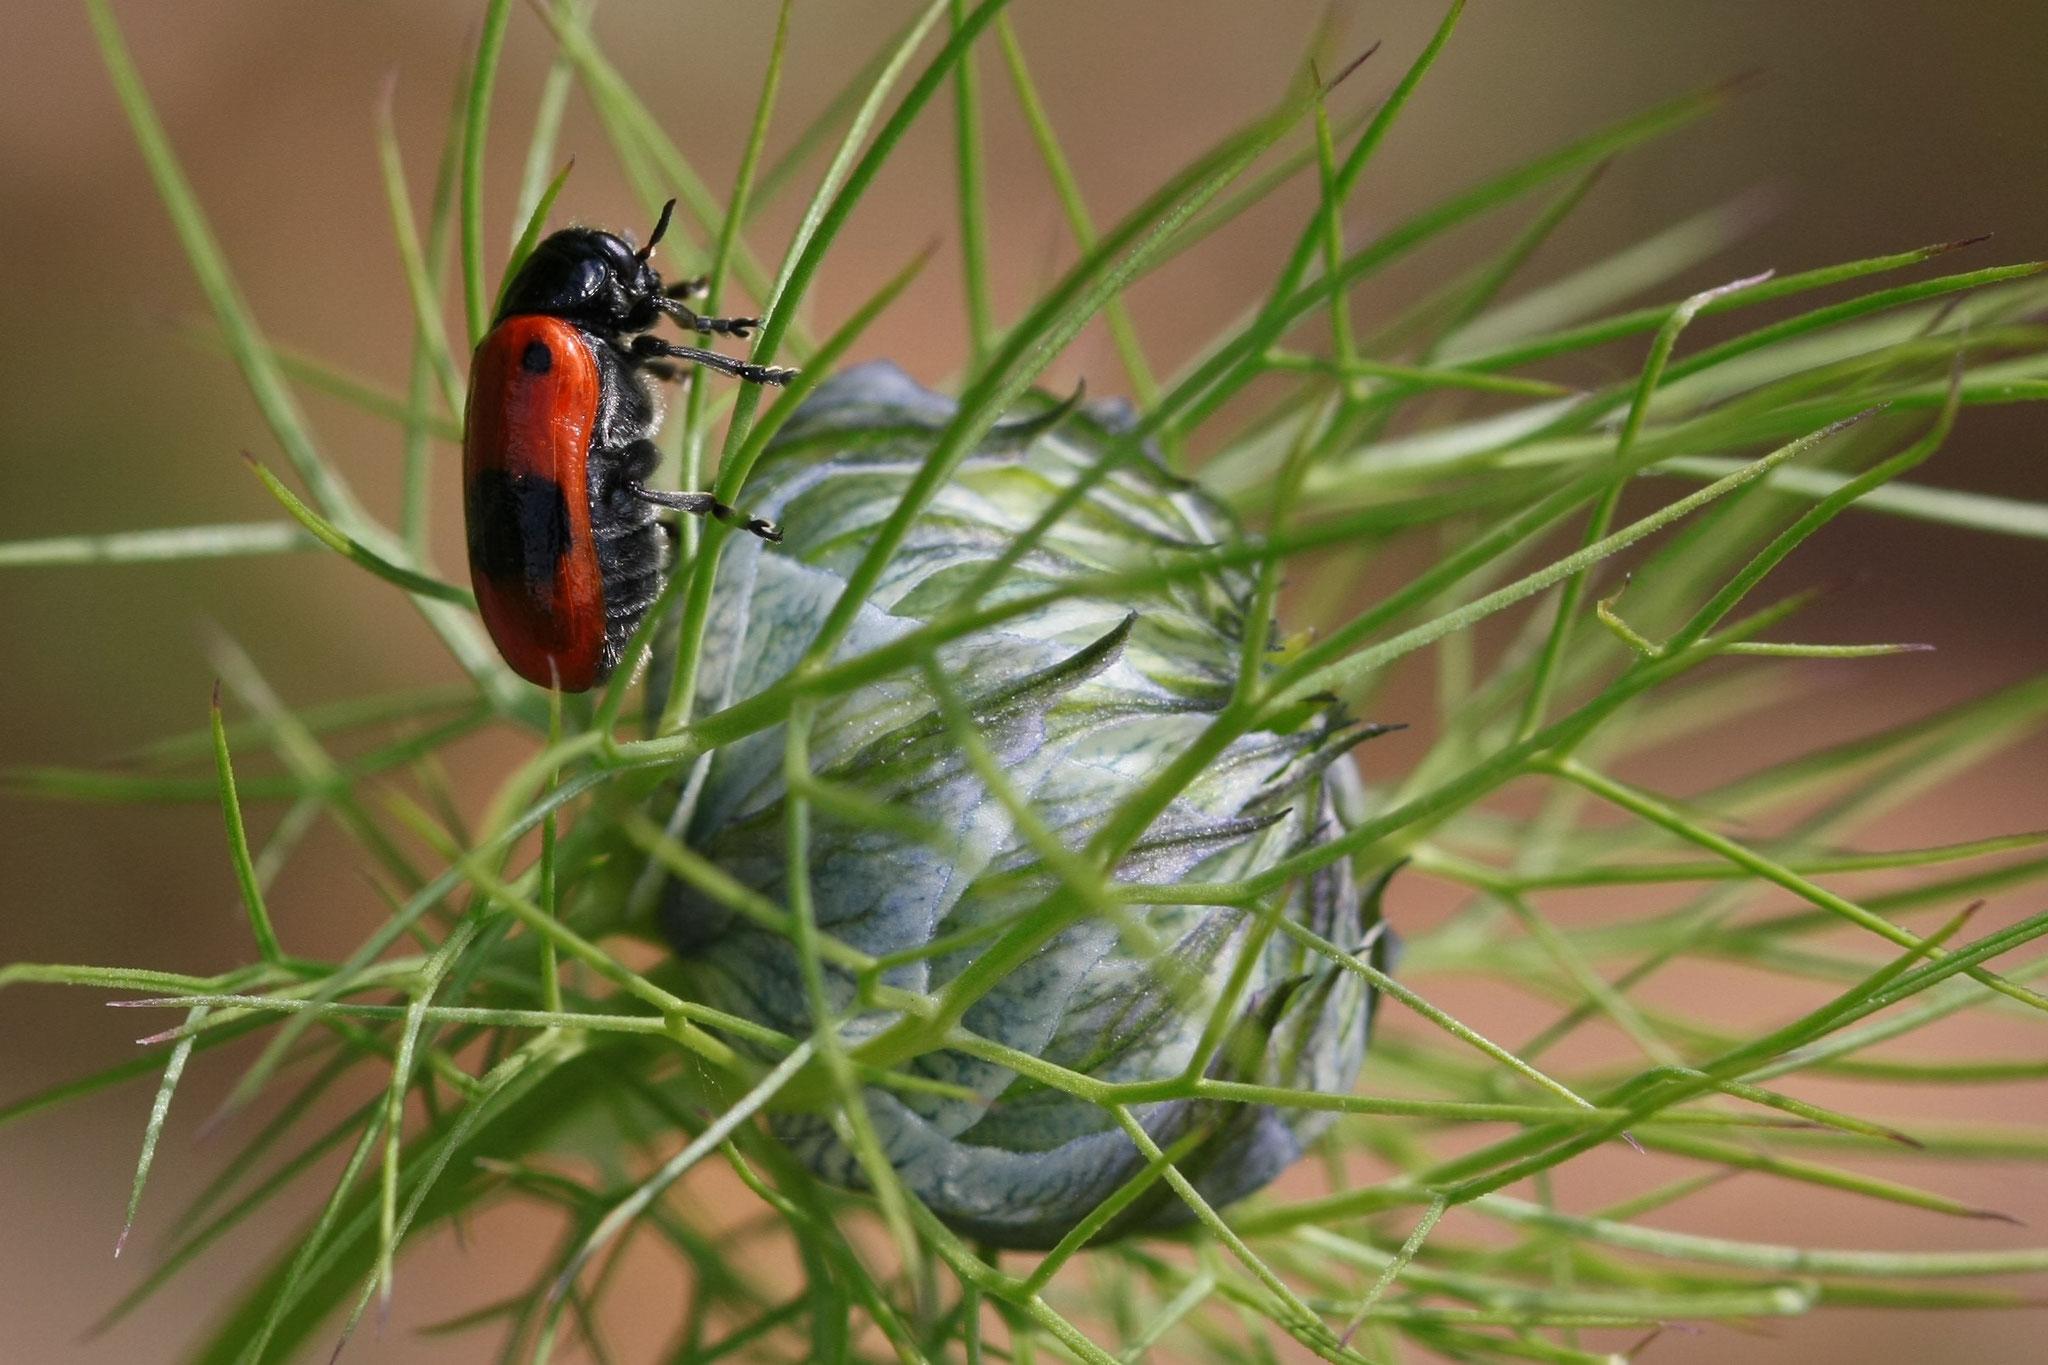 Ameisensackkäfer auf Jungfer im Grünen